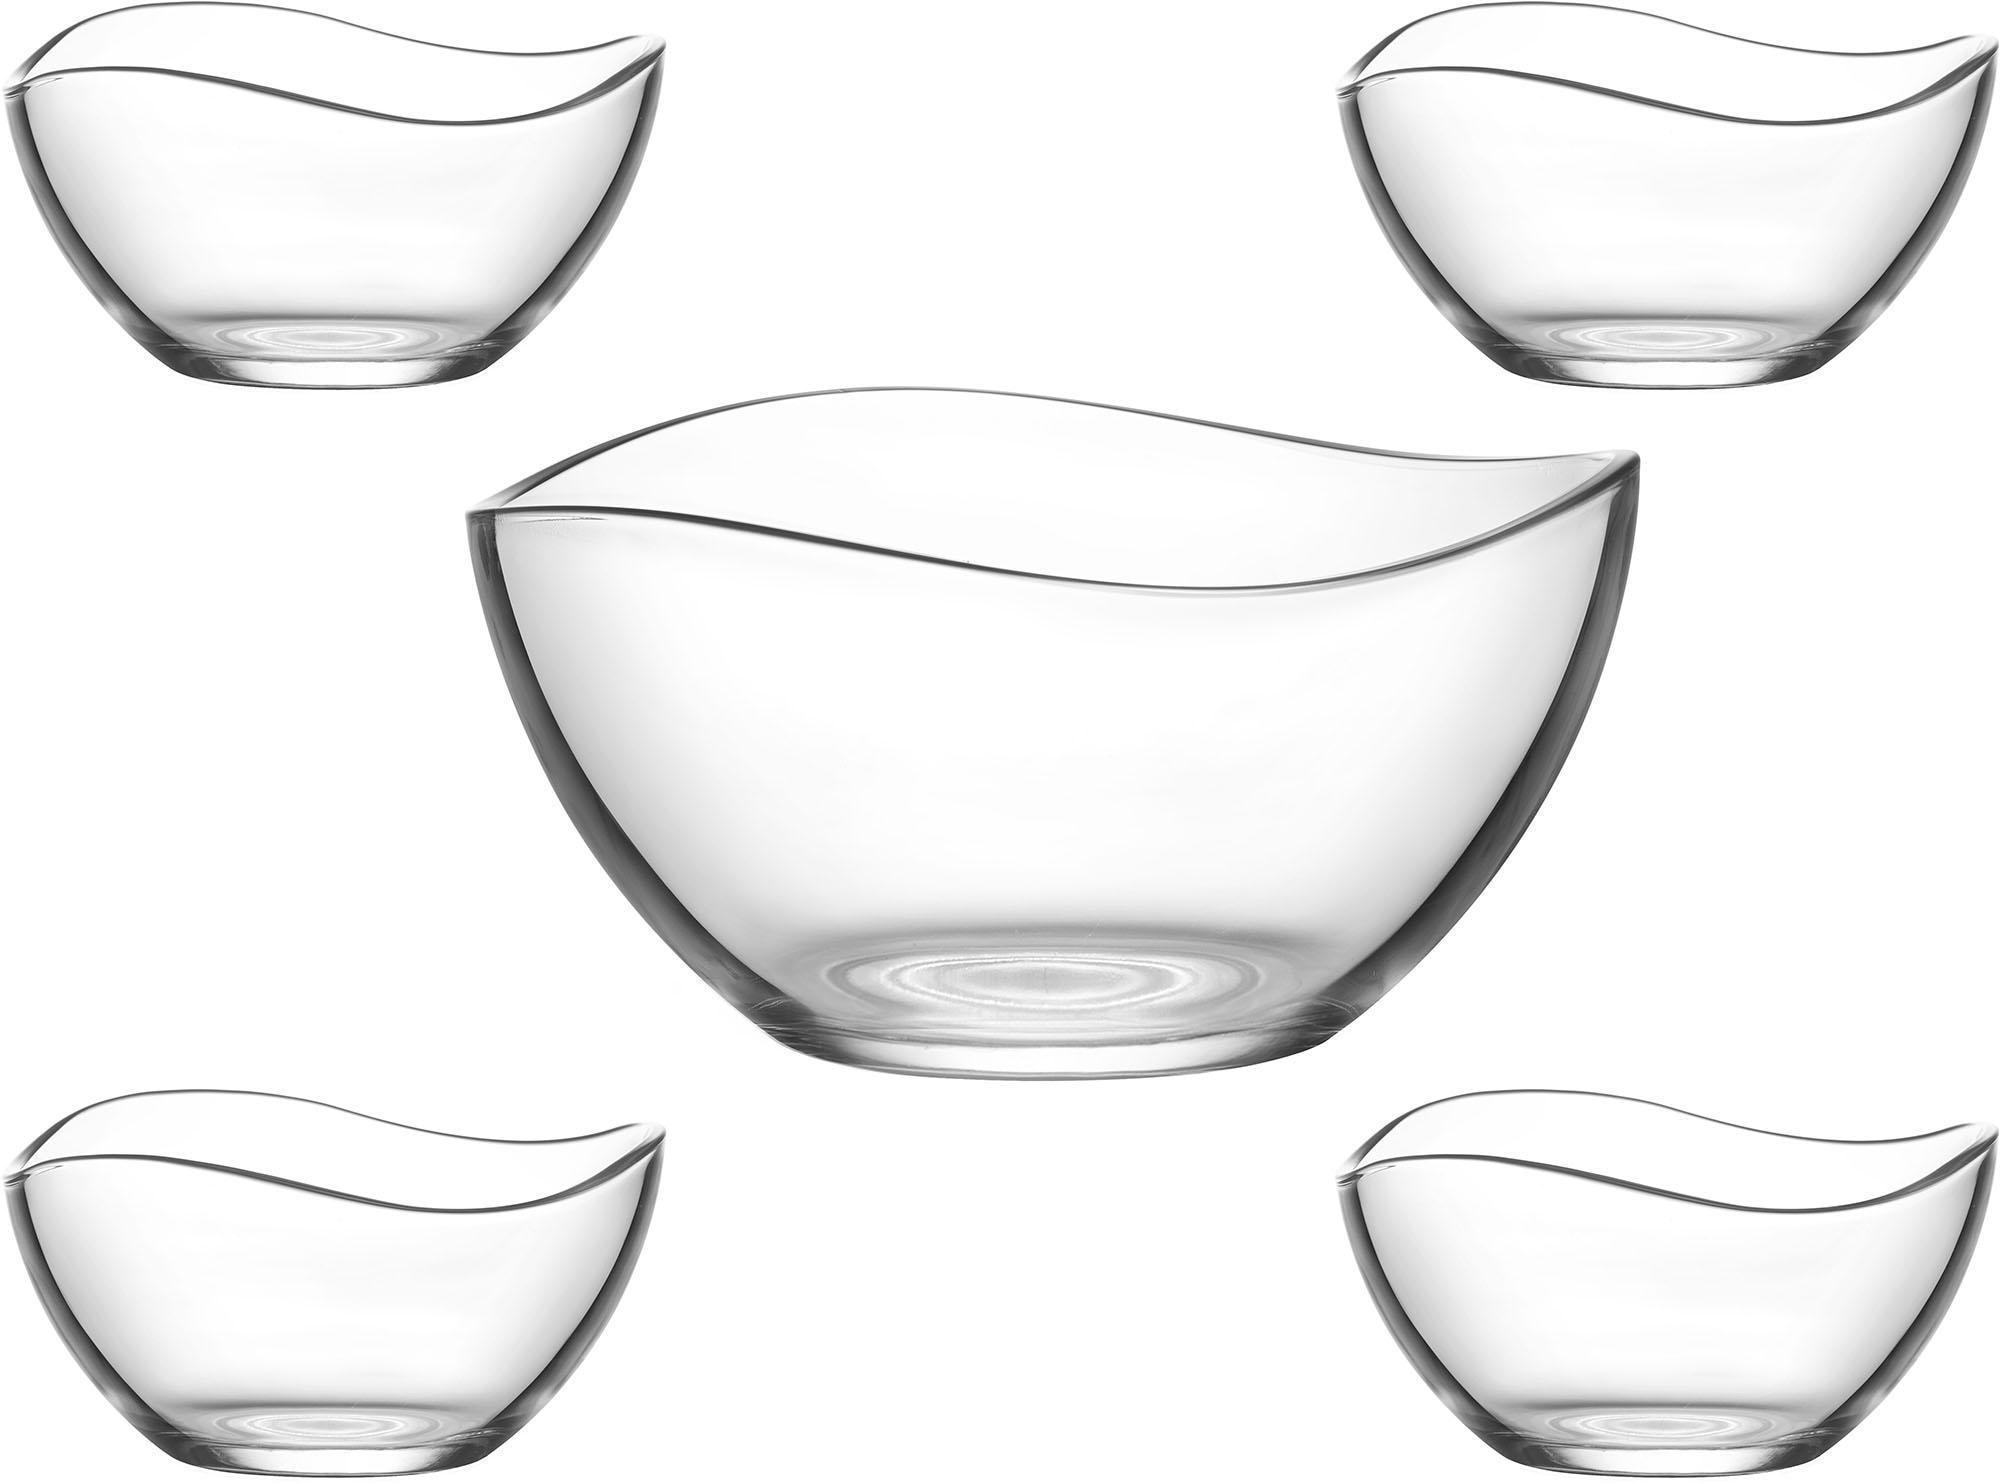 """van Well Schüssel """"Malaga"""" Glas (Set 5-tlg) Wohnen/Haushalt/Haushaltswaren/Kochen & Backen/Schüsseln/Weitere Schüsseln"""